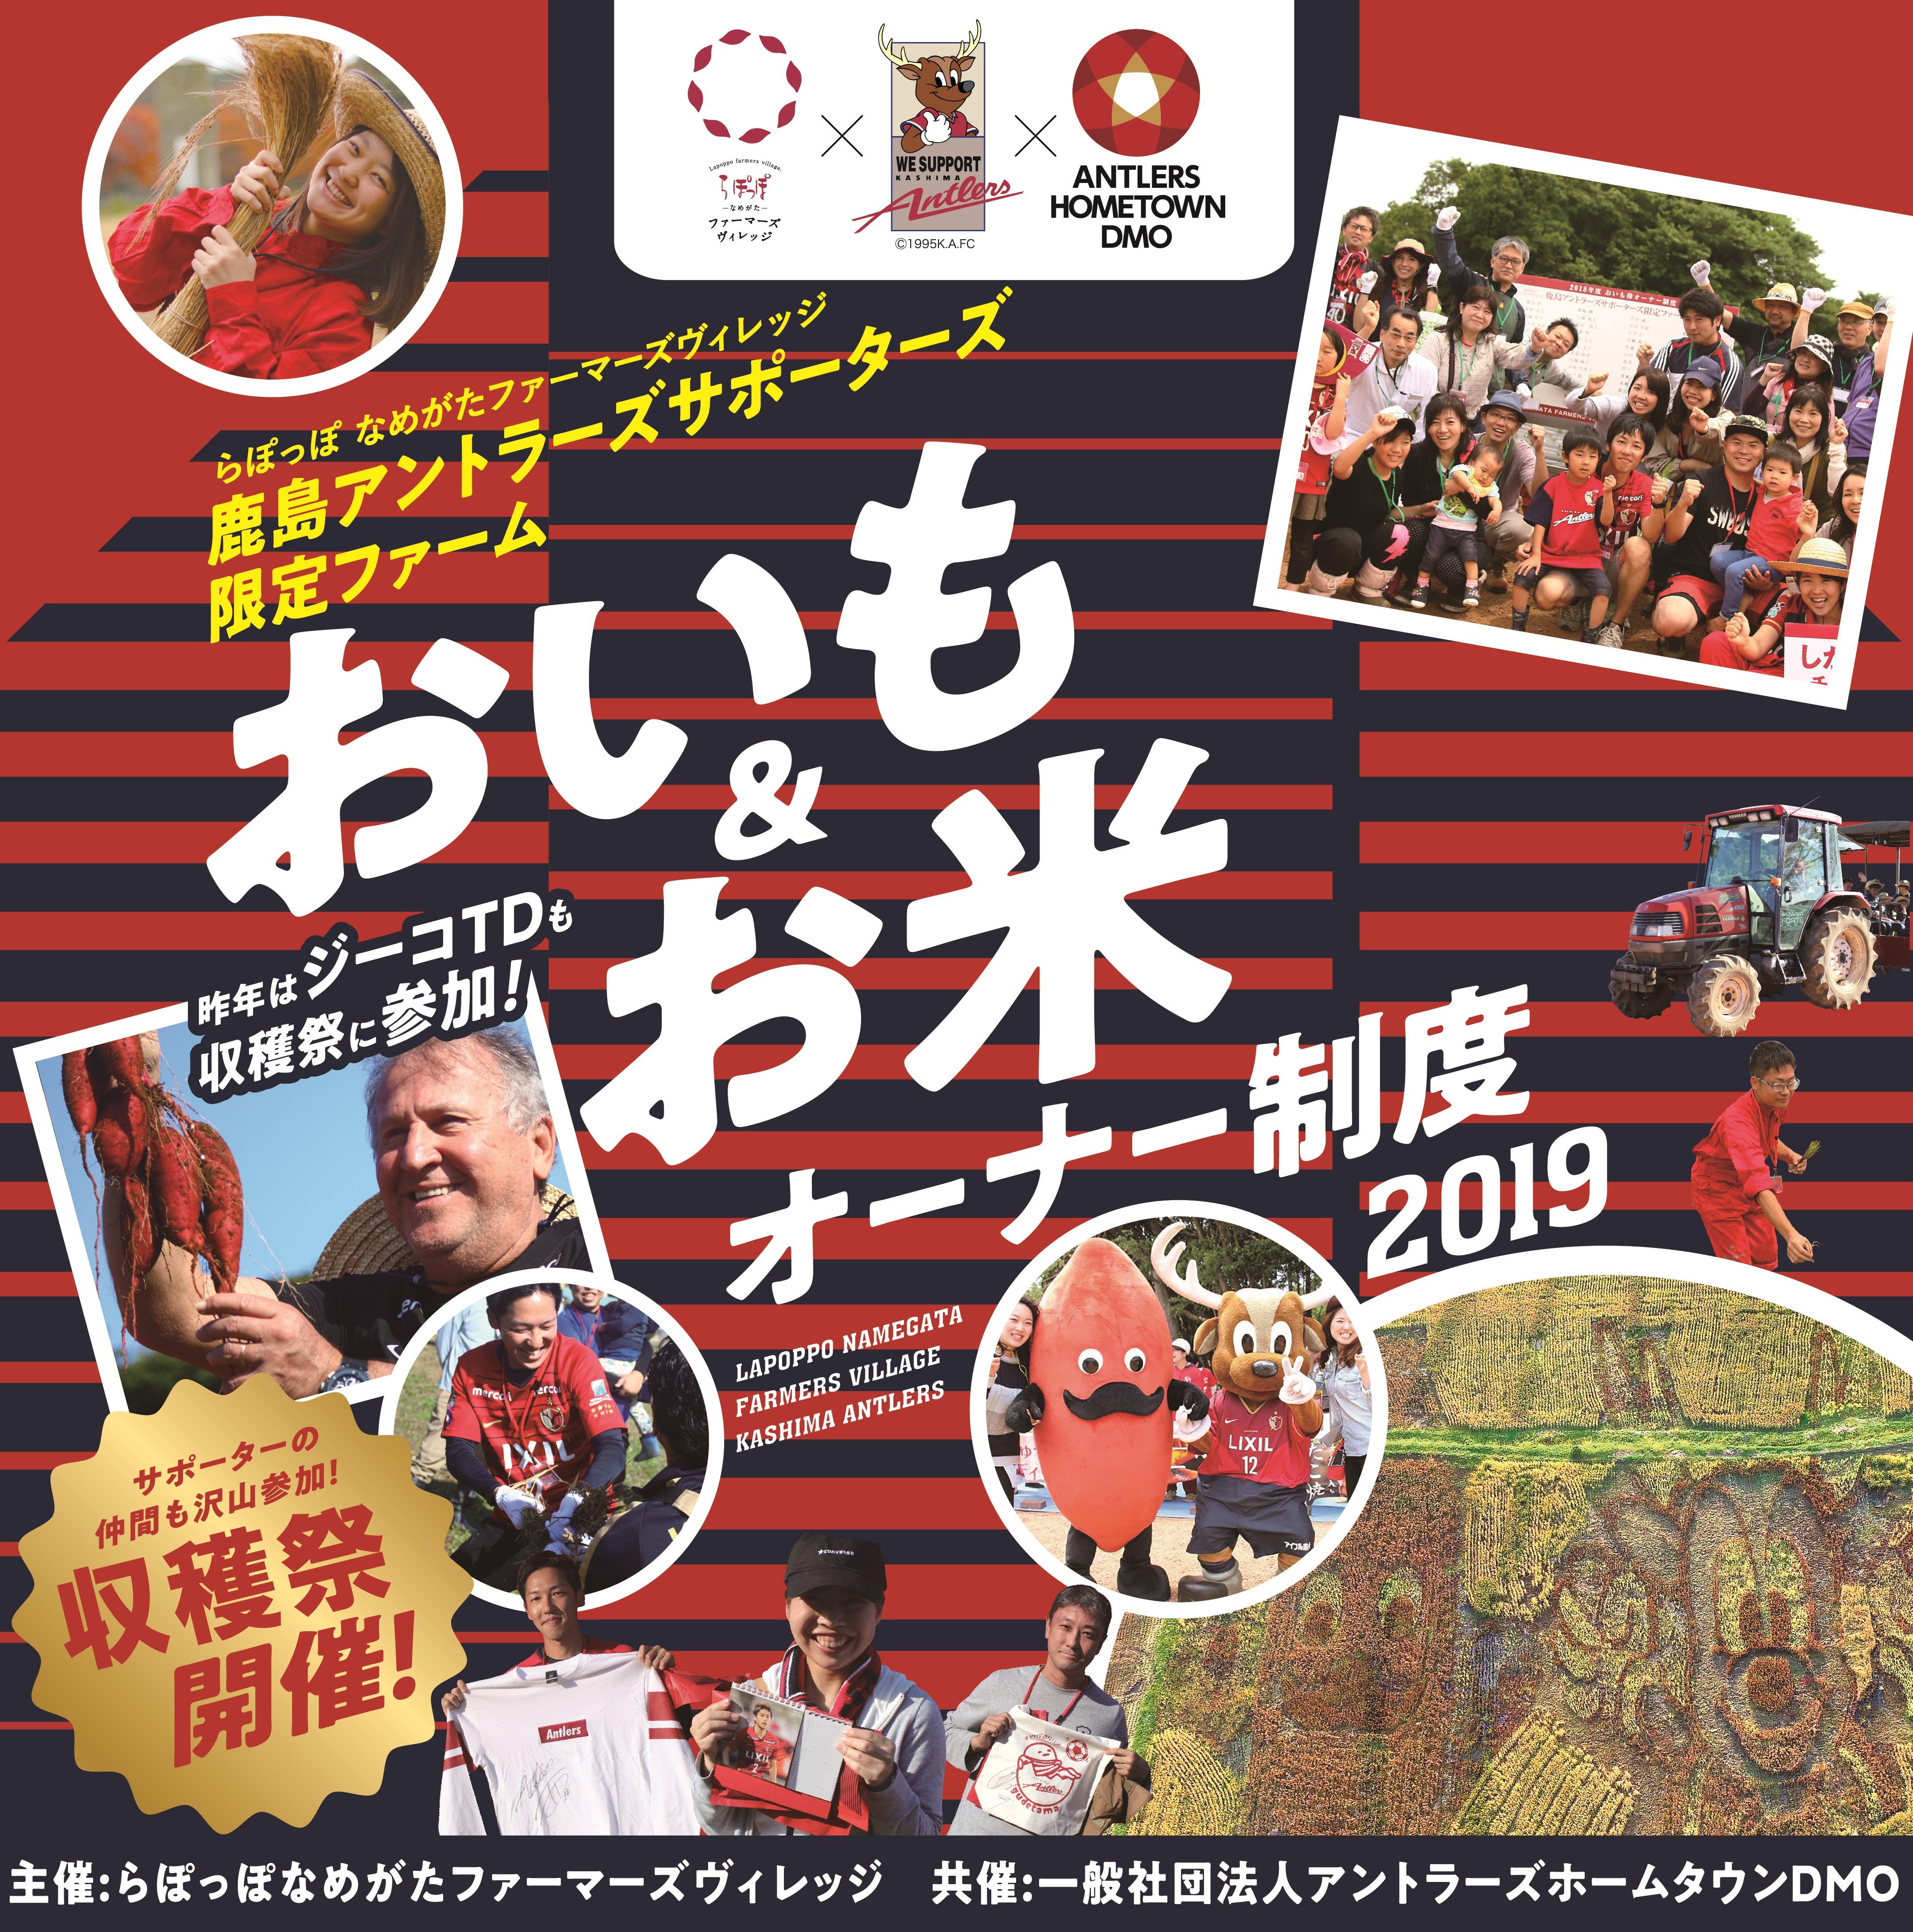 鹿島アントラーズサポーターズ限定ファーム収穫祭